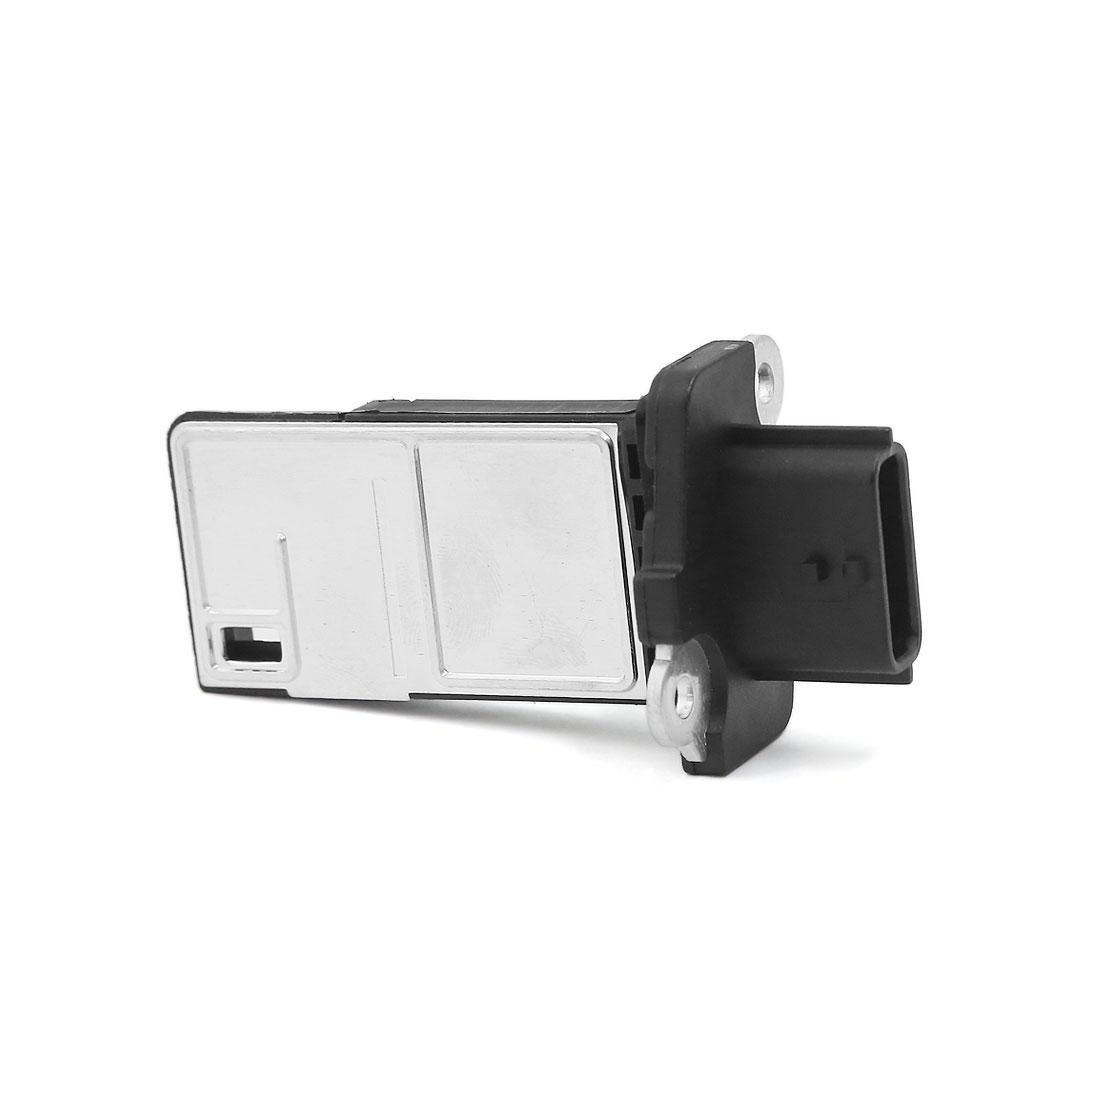 Mass Air Flow Meter MAF Sensor For NISSAN XTERRA FRONTIER 22680-7S000